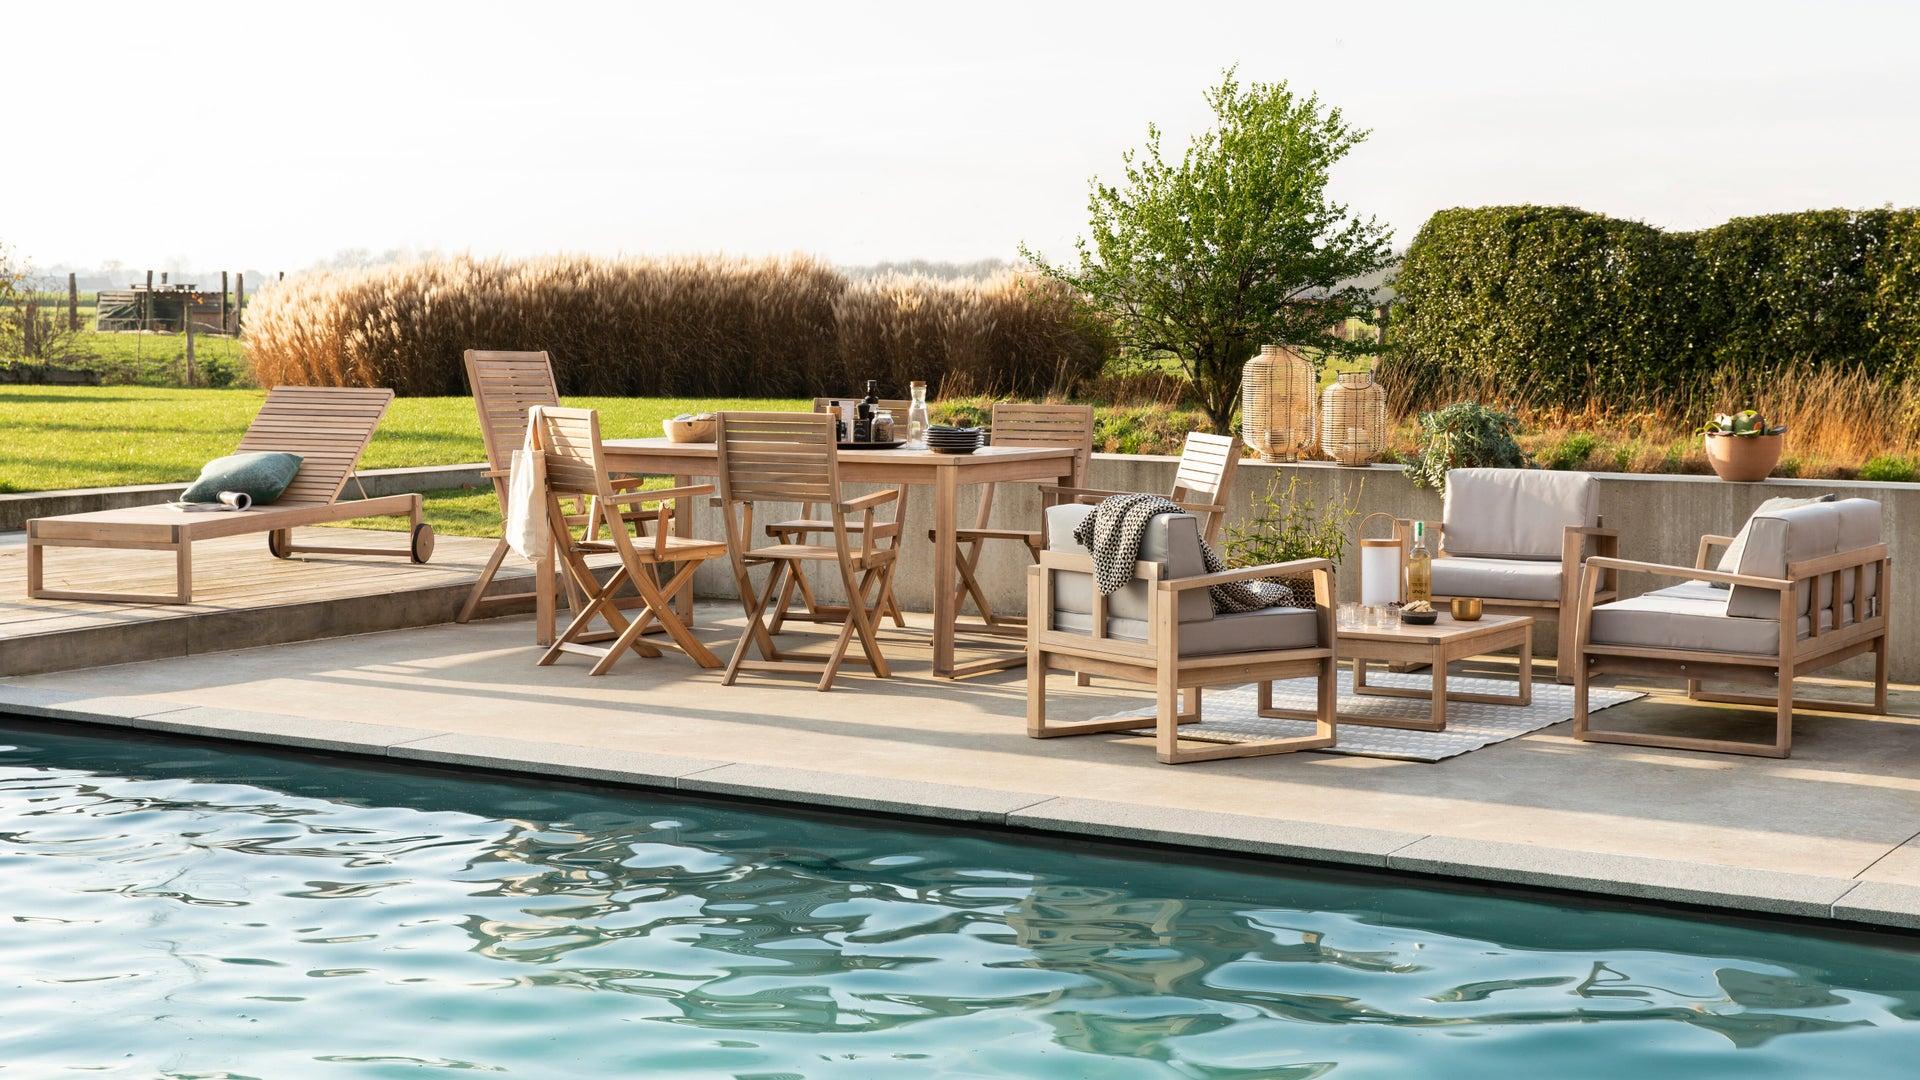 Sedia con braccioli senza cuscino pieghevole in legno Solaris NATERIAL colore acacia - 11